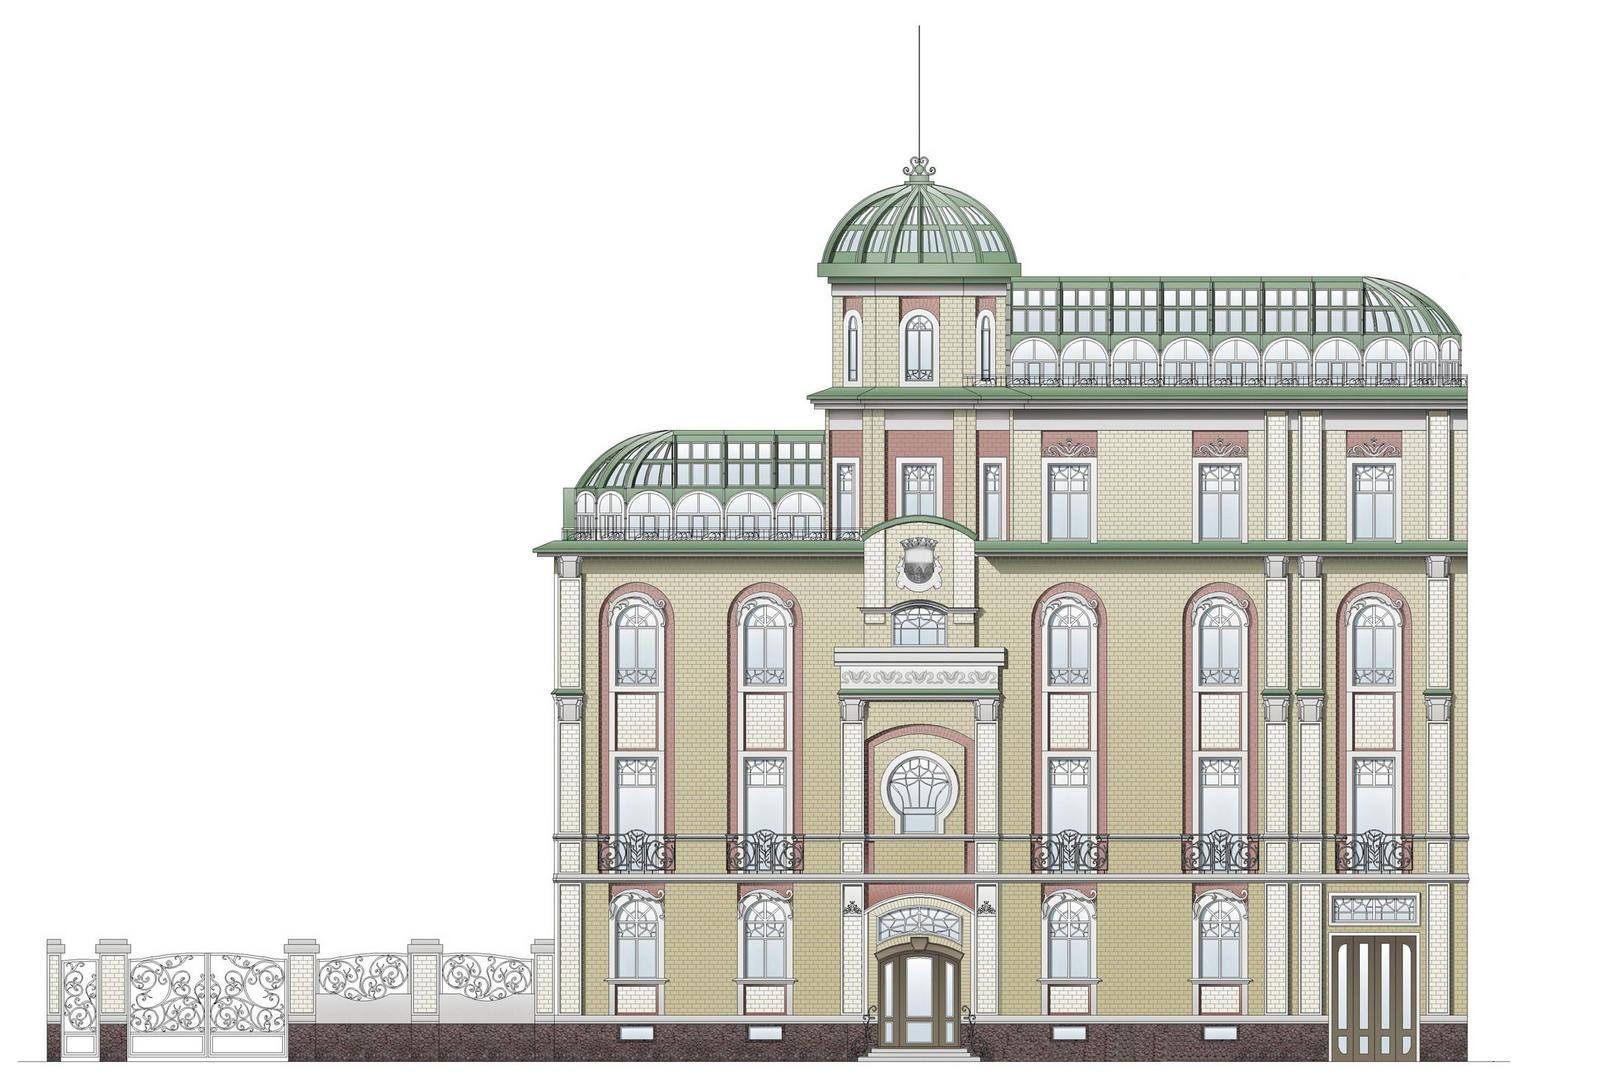 Проект реконструкции жилого дома в охранной зоне КГИОП  по адресу: СПб, наб.к. Грибоедова, д. 156.